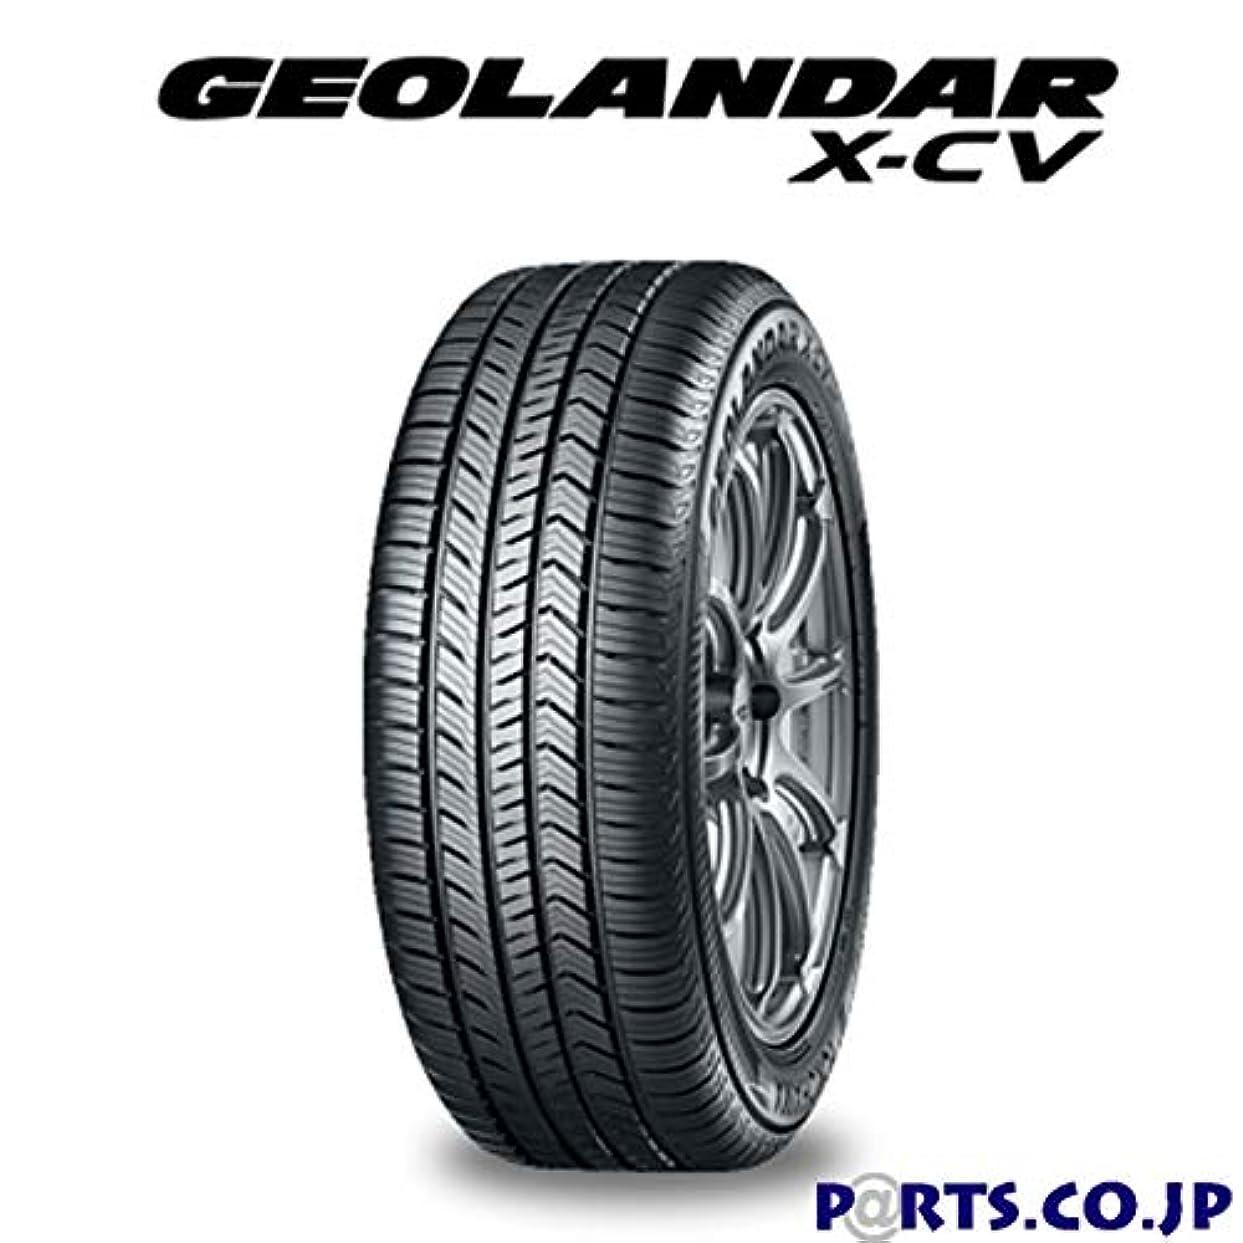 探偵容赦ない贈り物タイヤ GEOLANDAR X-CV G057 265/50R20 111W YOKOHAMA ヨコハマ